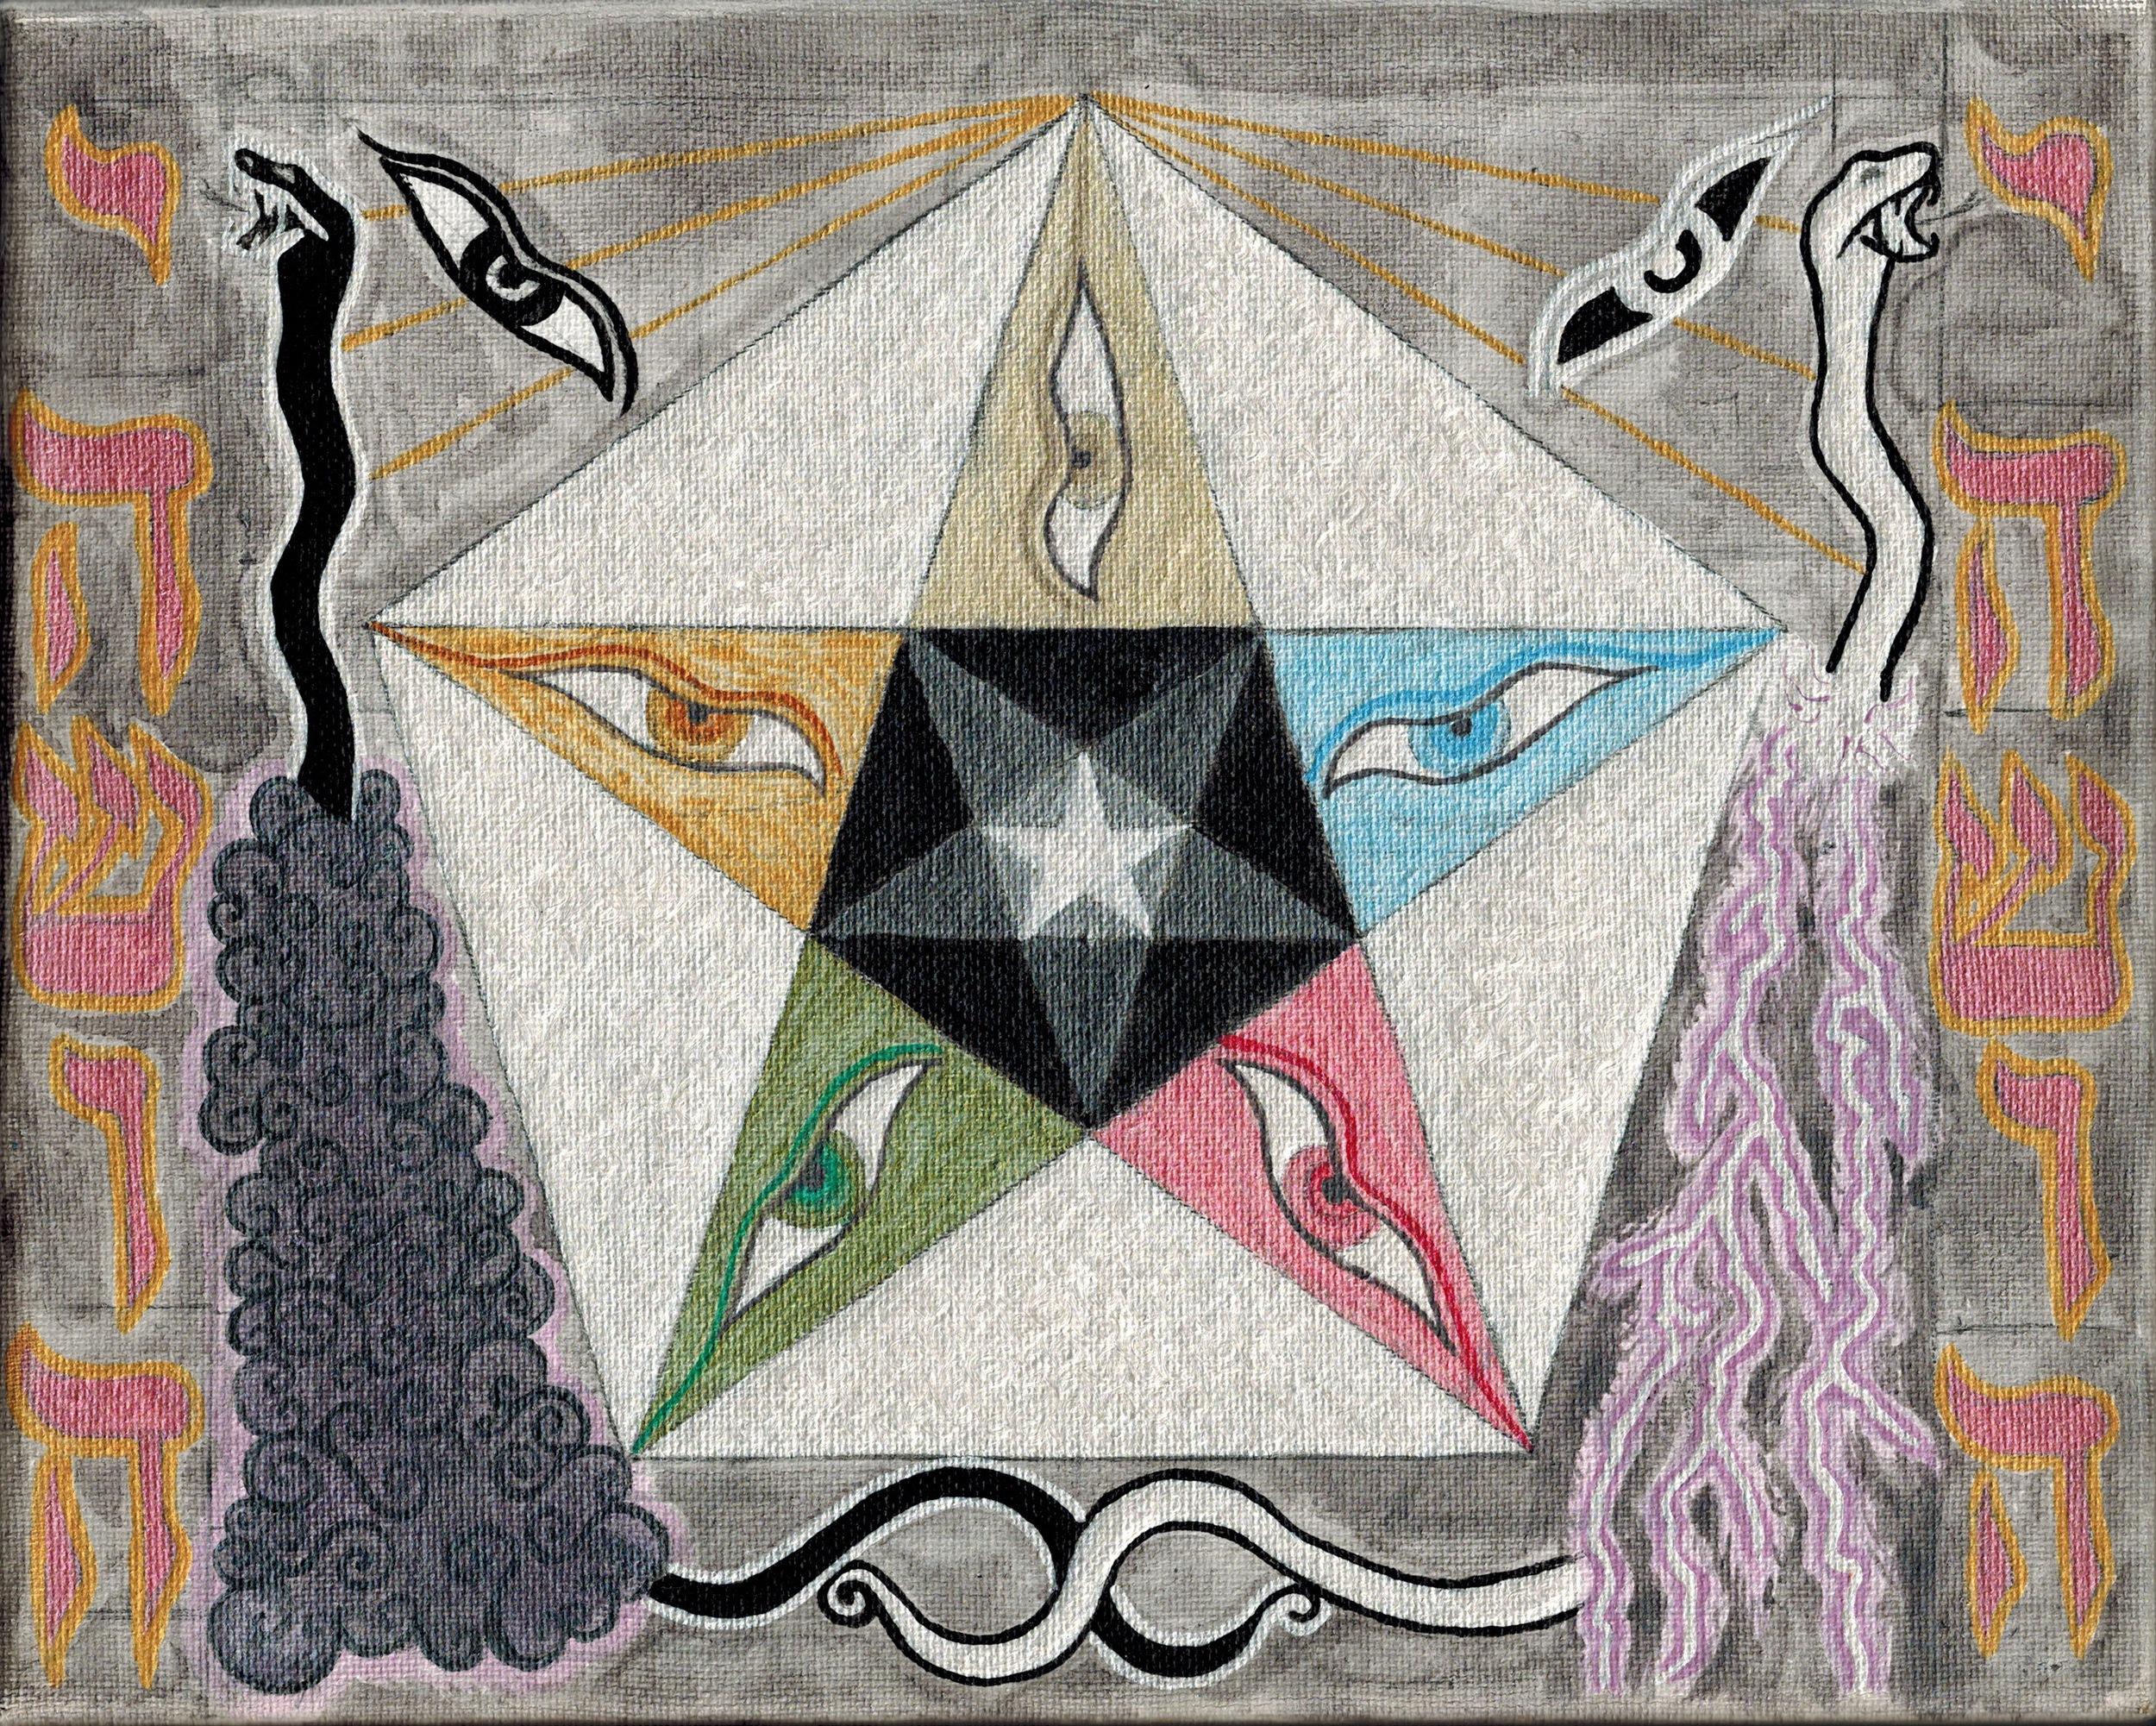 Pentagrammaton